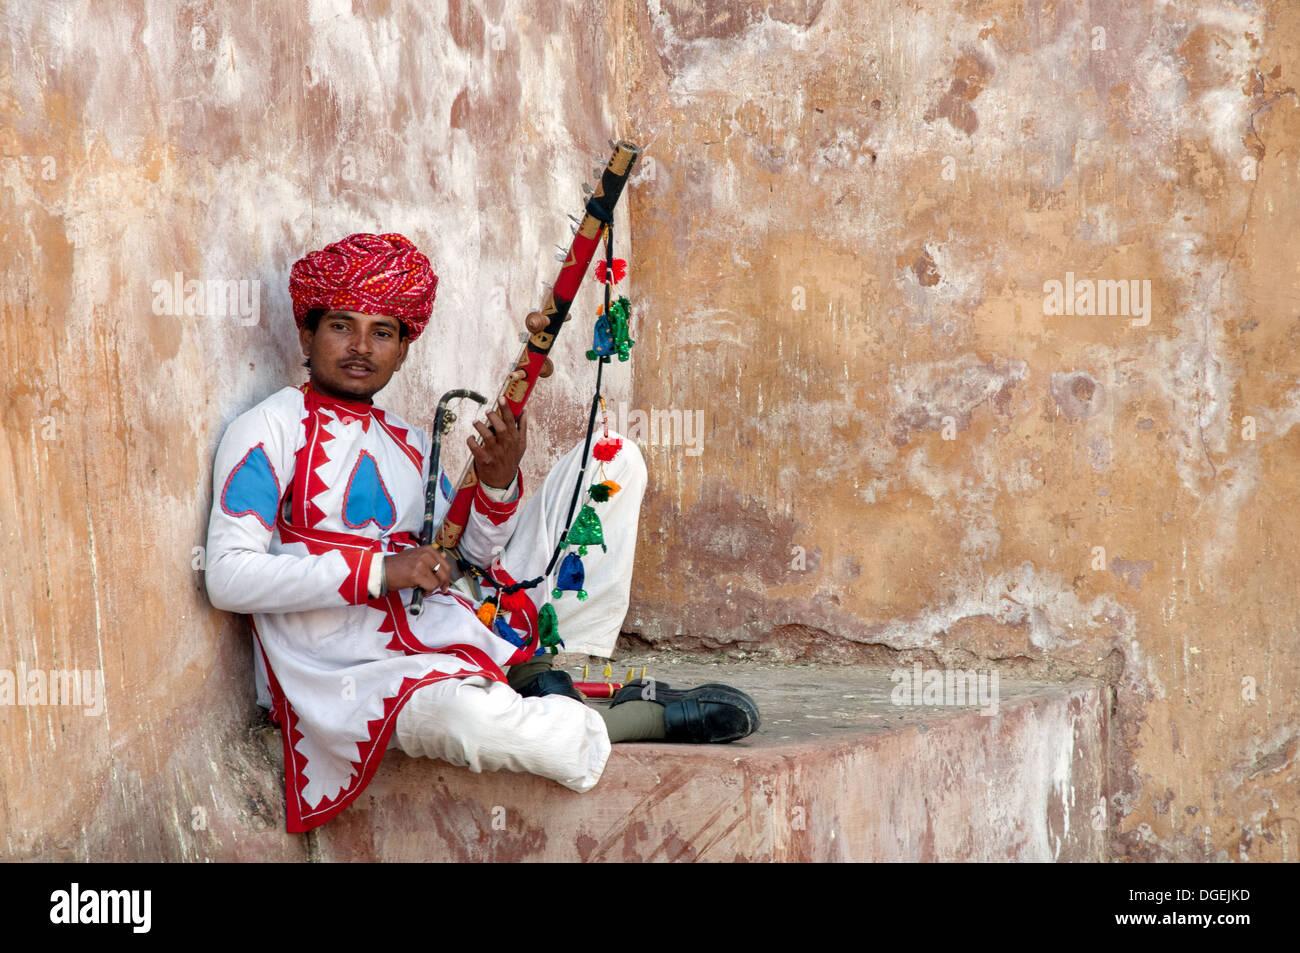 Râjasthânî homme posant avec un instrument traditionnel à l'intérieur de Fort Amer, Jaipur, Inde Banque D'Images